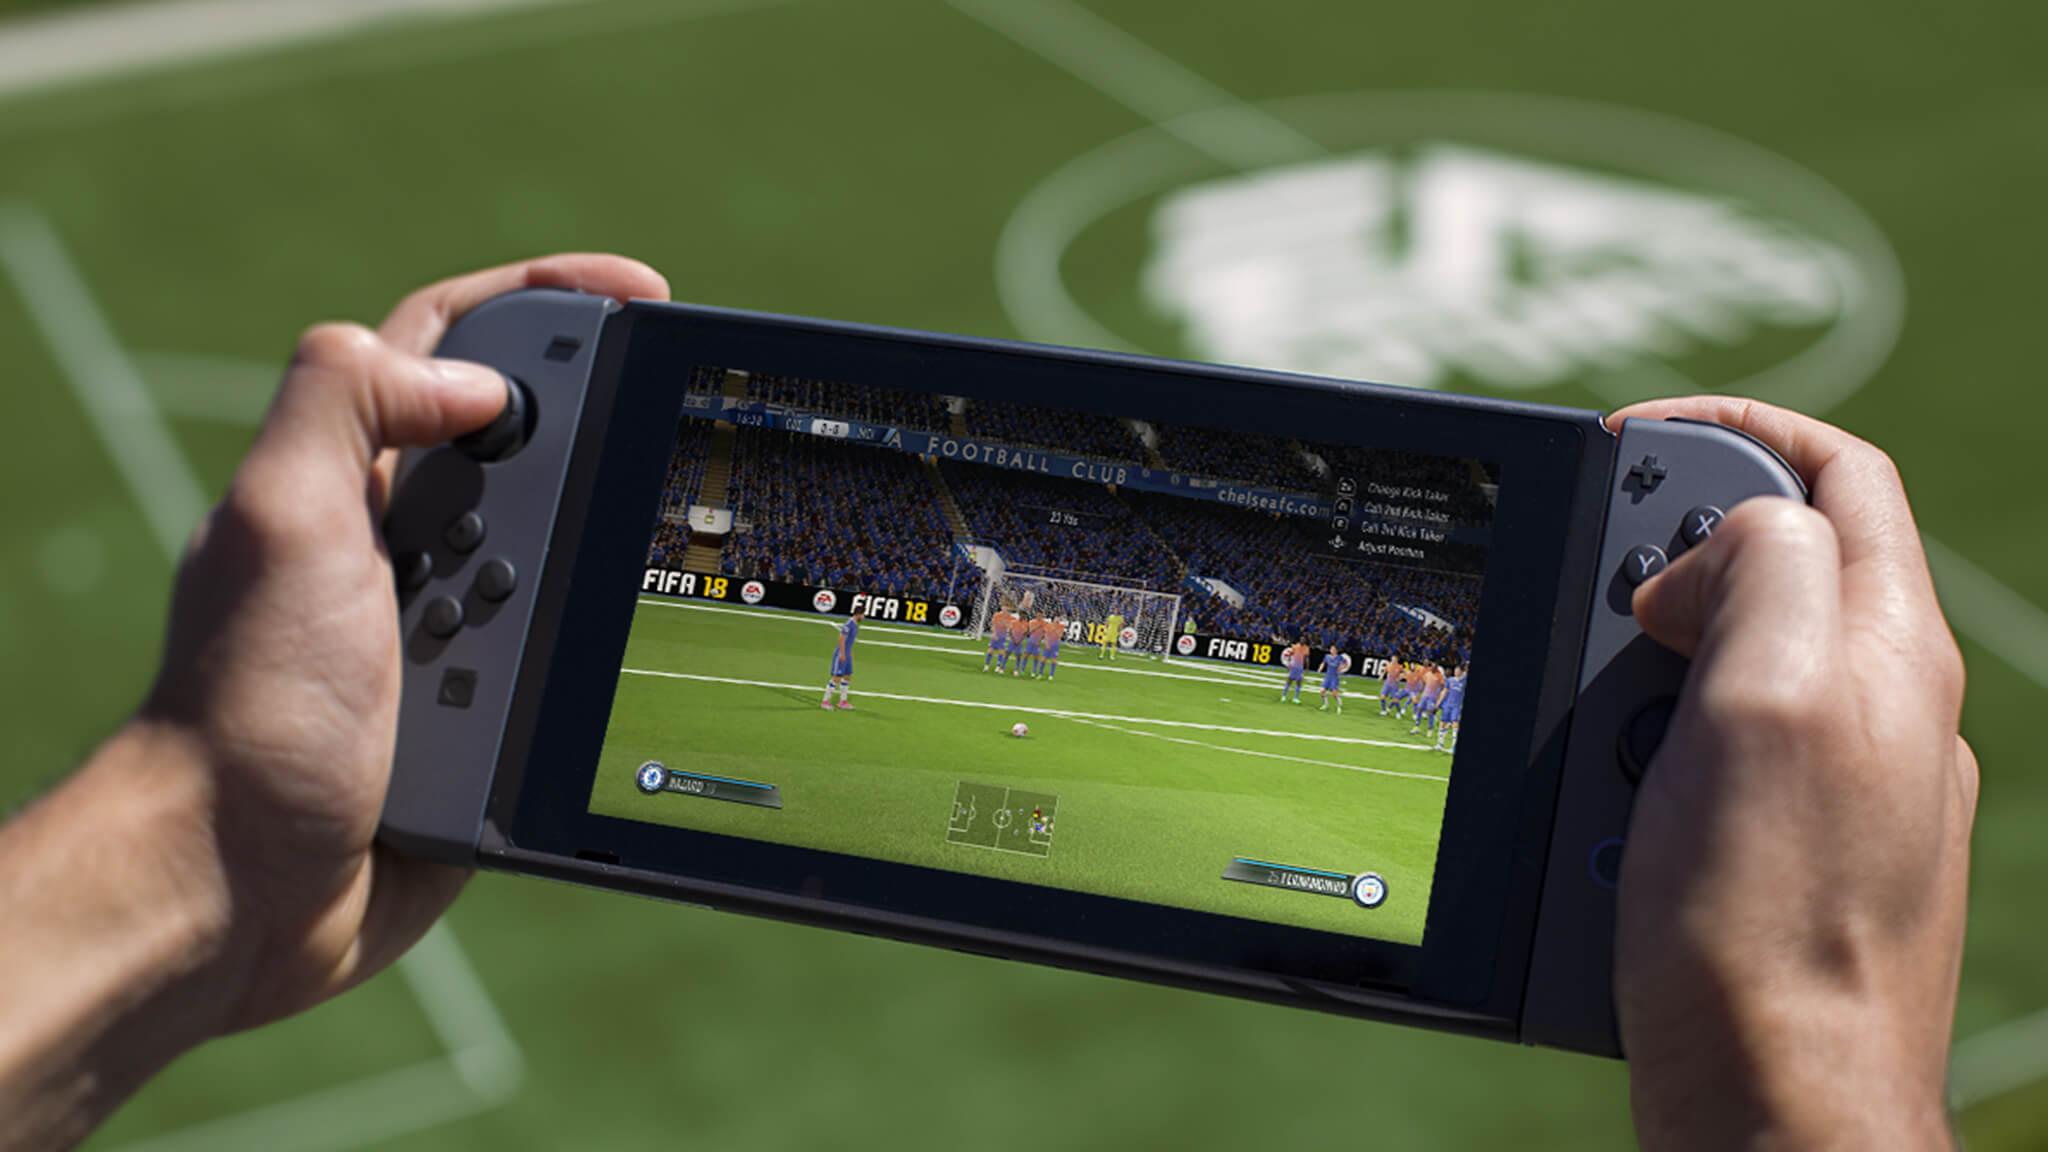 Vendas de FIFA 18 para Switch subiram 494% na última semana no Reino Unido